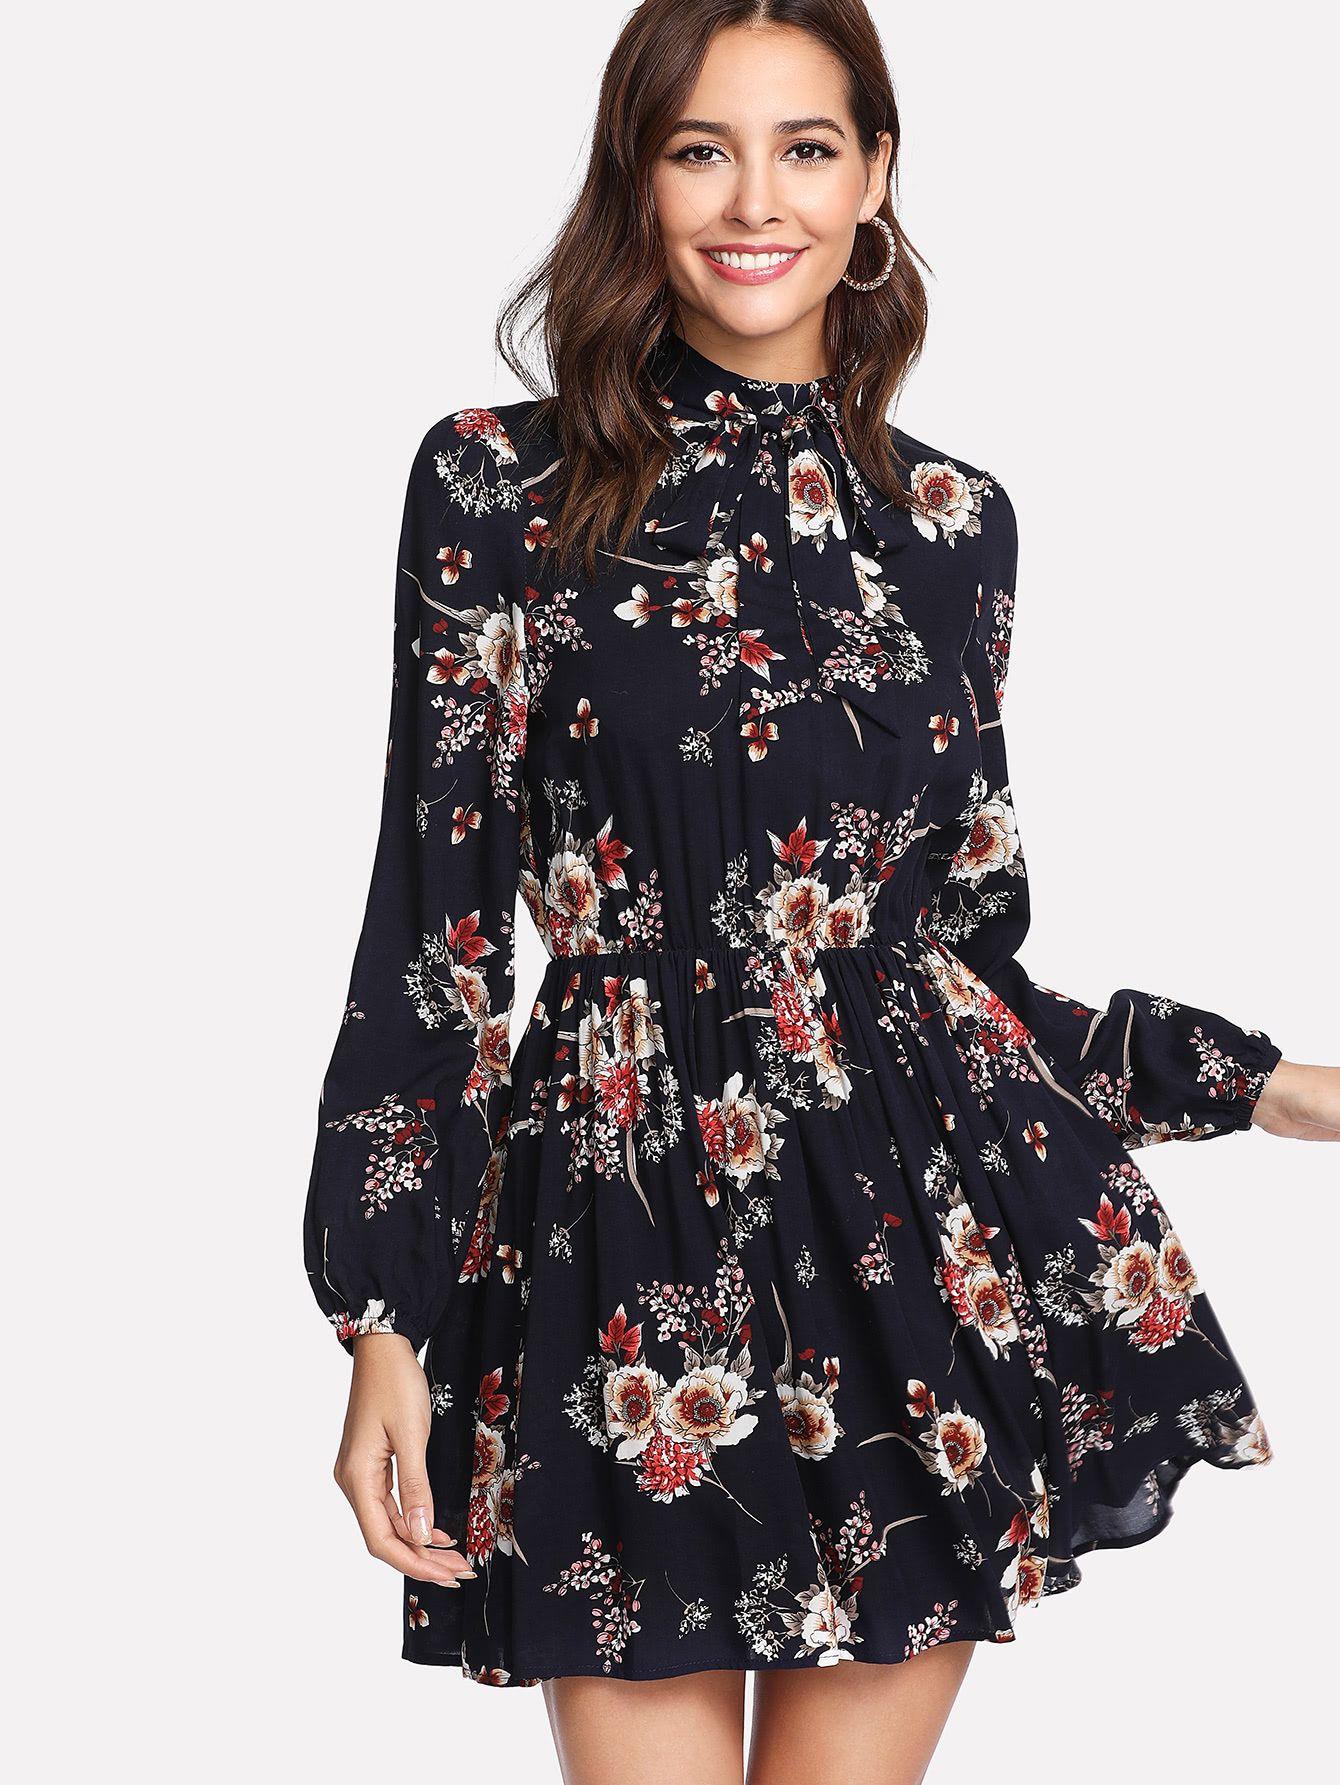 10862e4b2f3c8 Shop Tie Neck Flower Print Dress online. SheIn offers Tie Neck Flower Print  Dress & more to fit your fashionable needs.